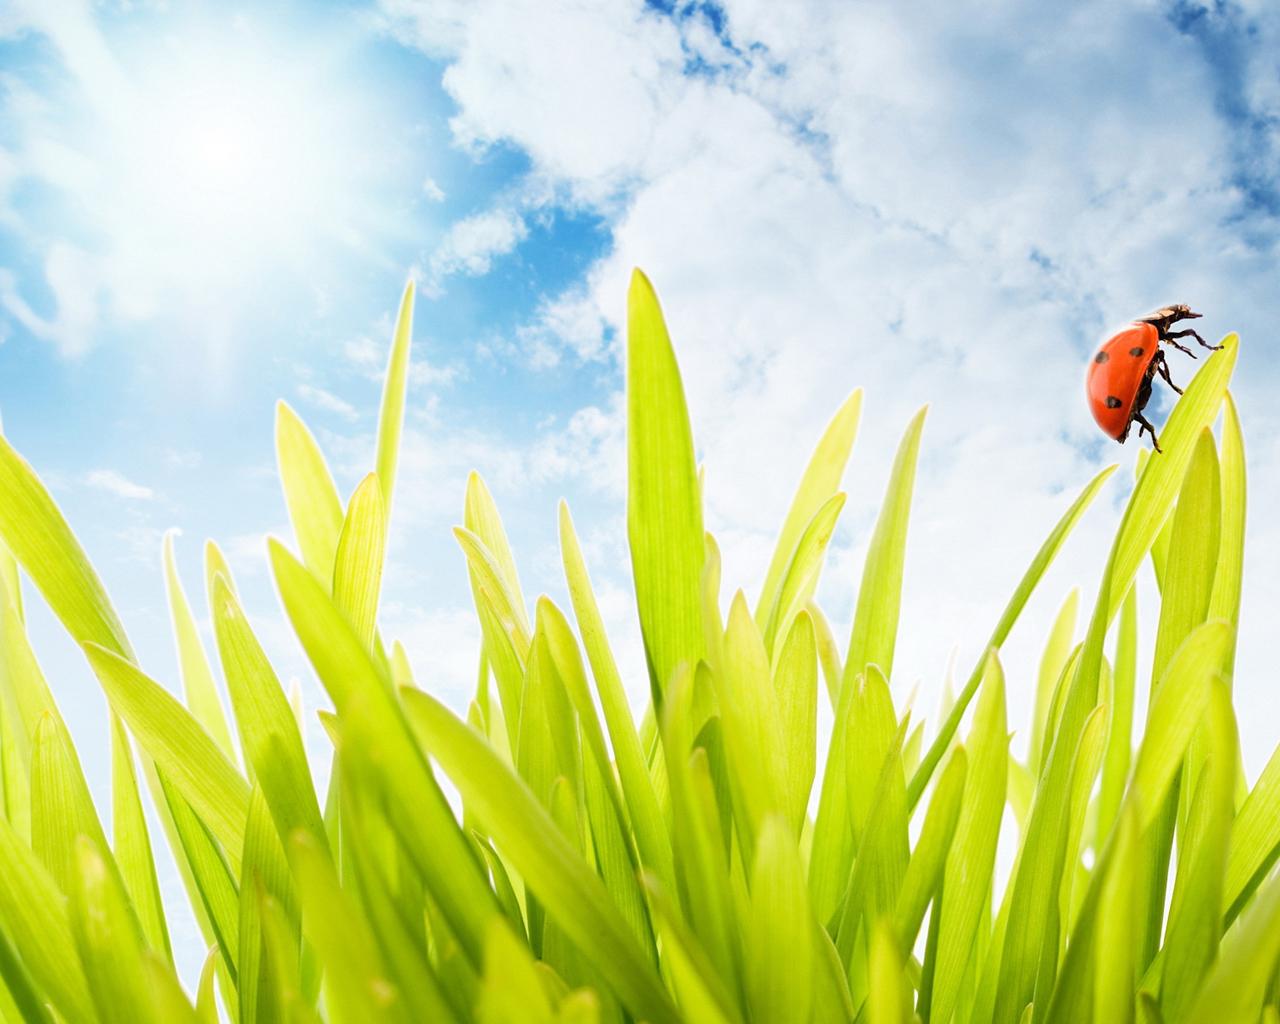 трава, небо и божья коровка, скачать фото, лето